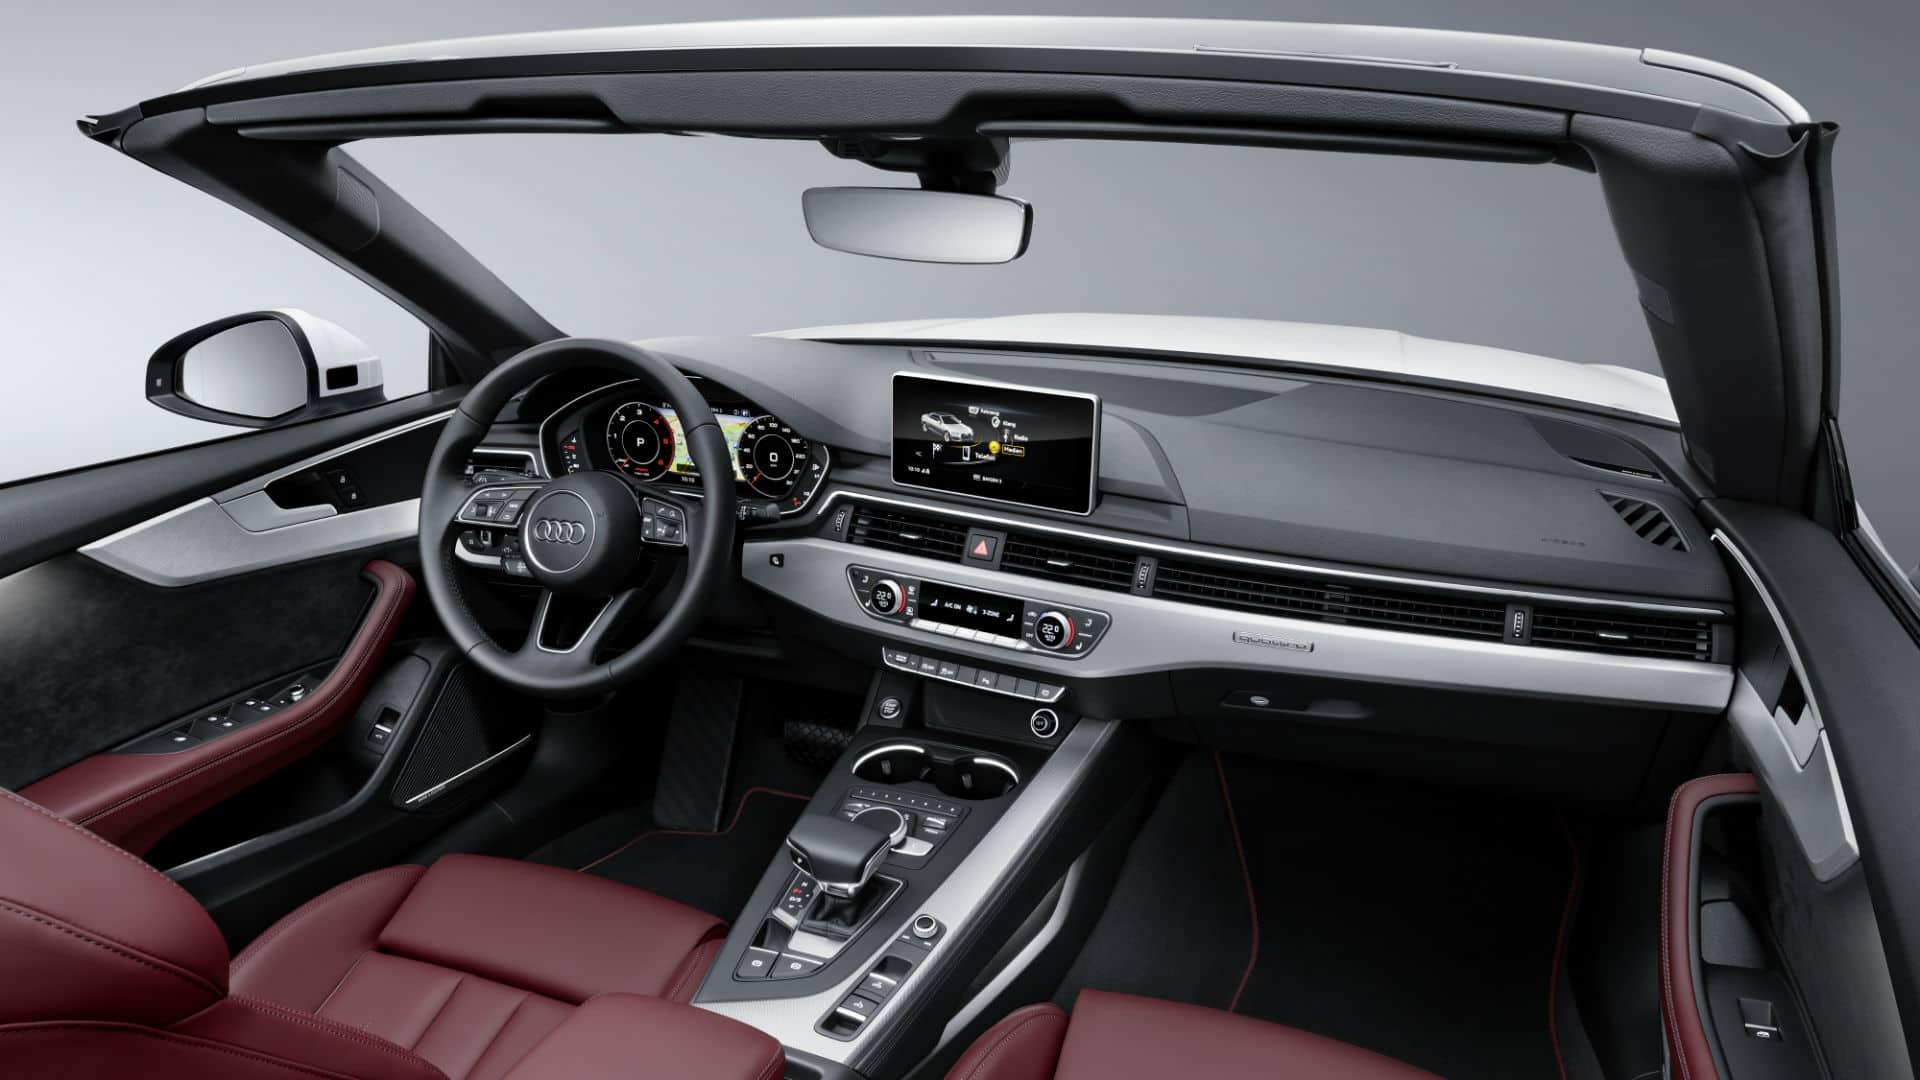 cars worksop audi used lkc fsi coupe img quattro black notts